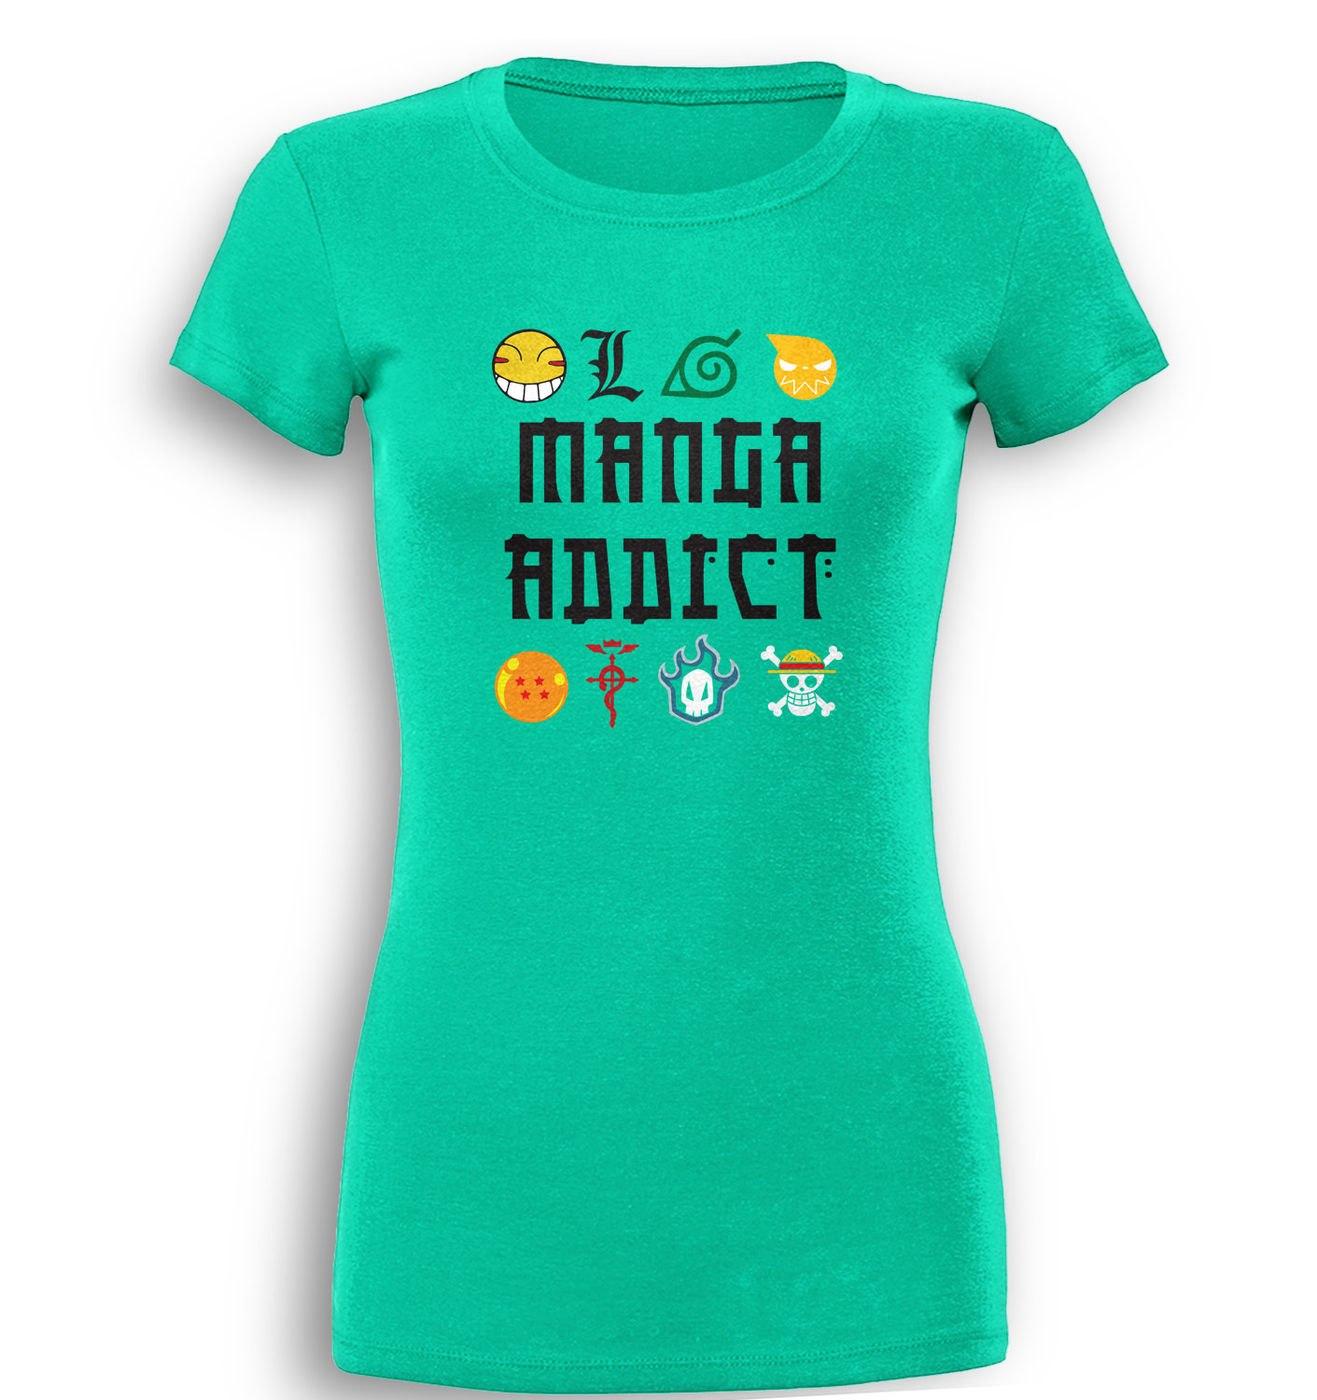 Manga Addict premium women's t-shirt by Something Geeky